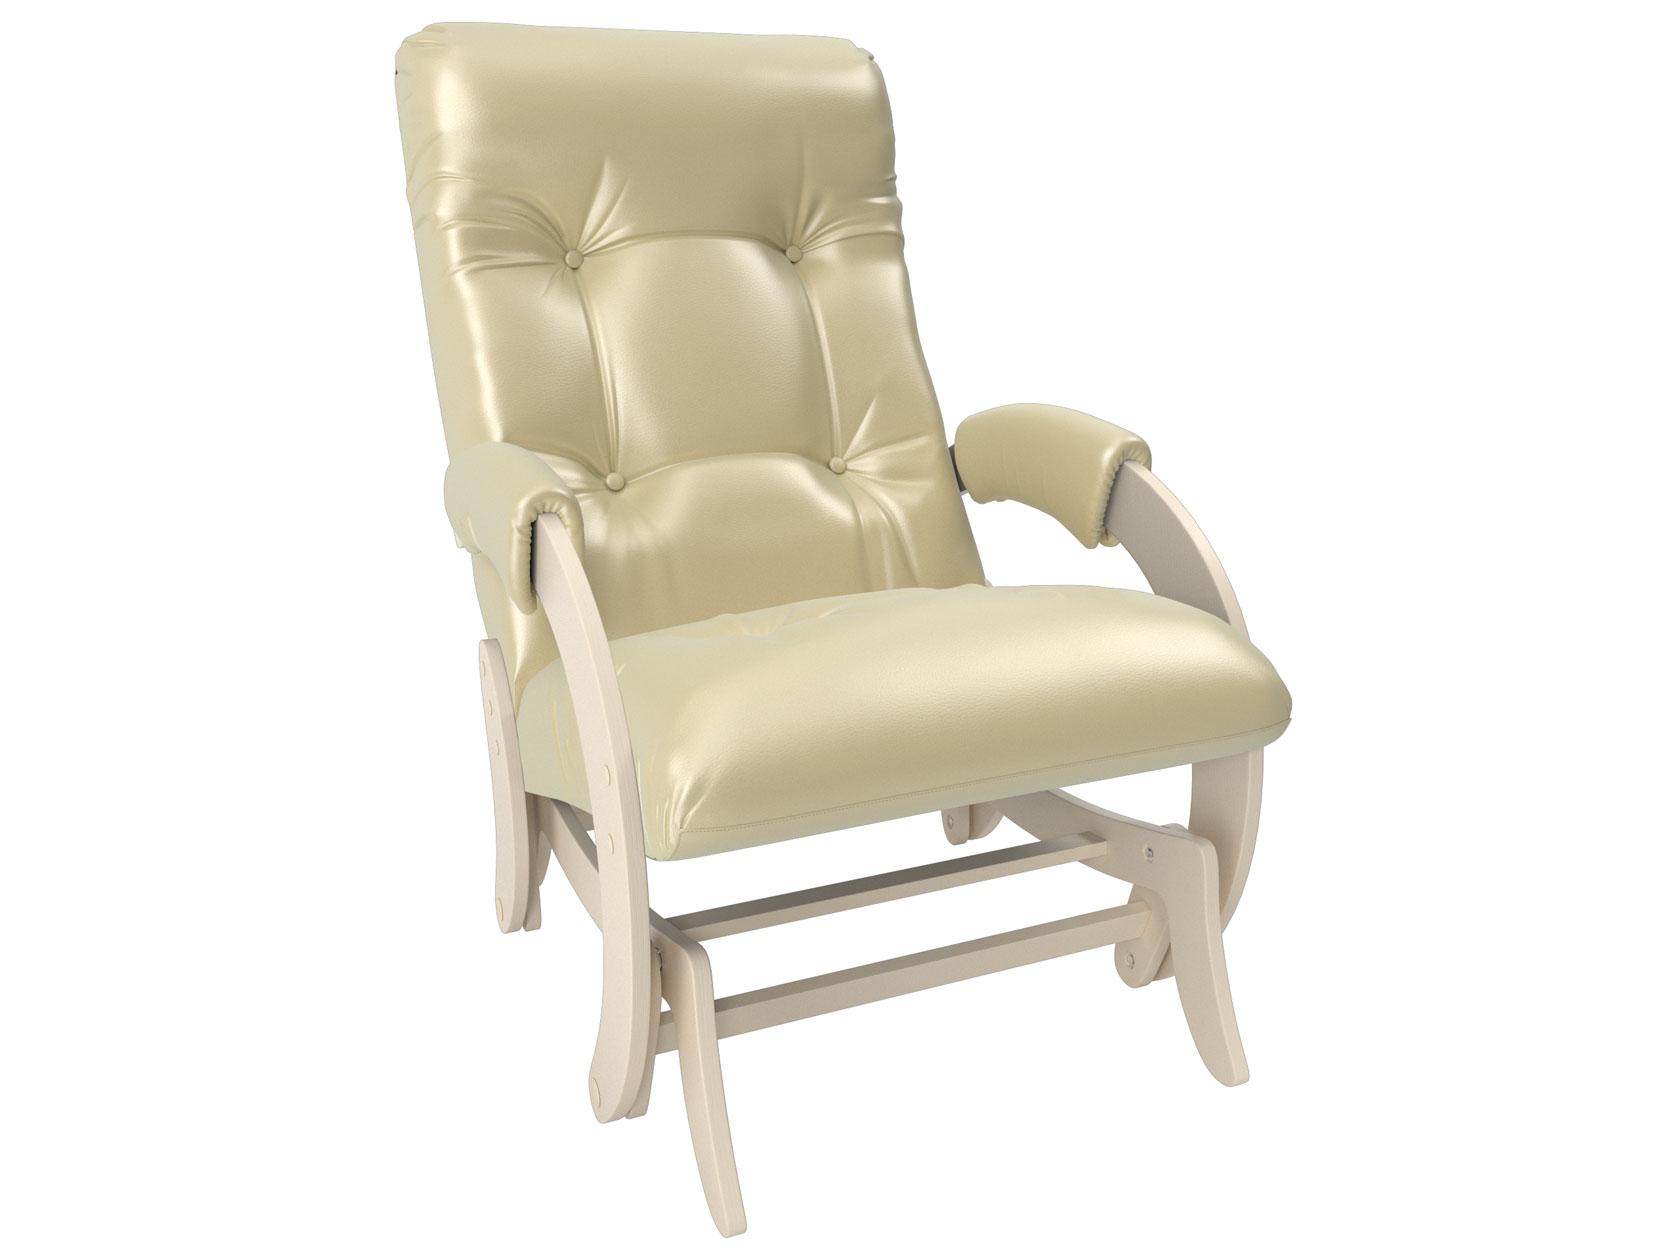 Кресло-глайдер 179-100283